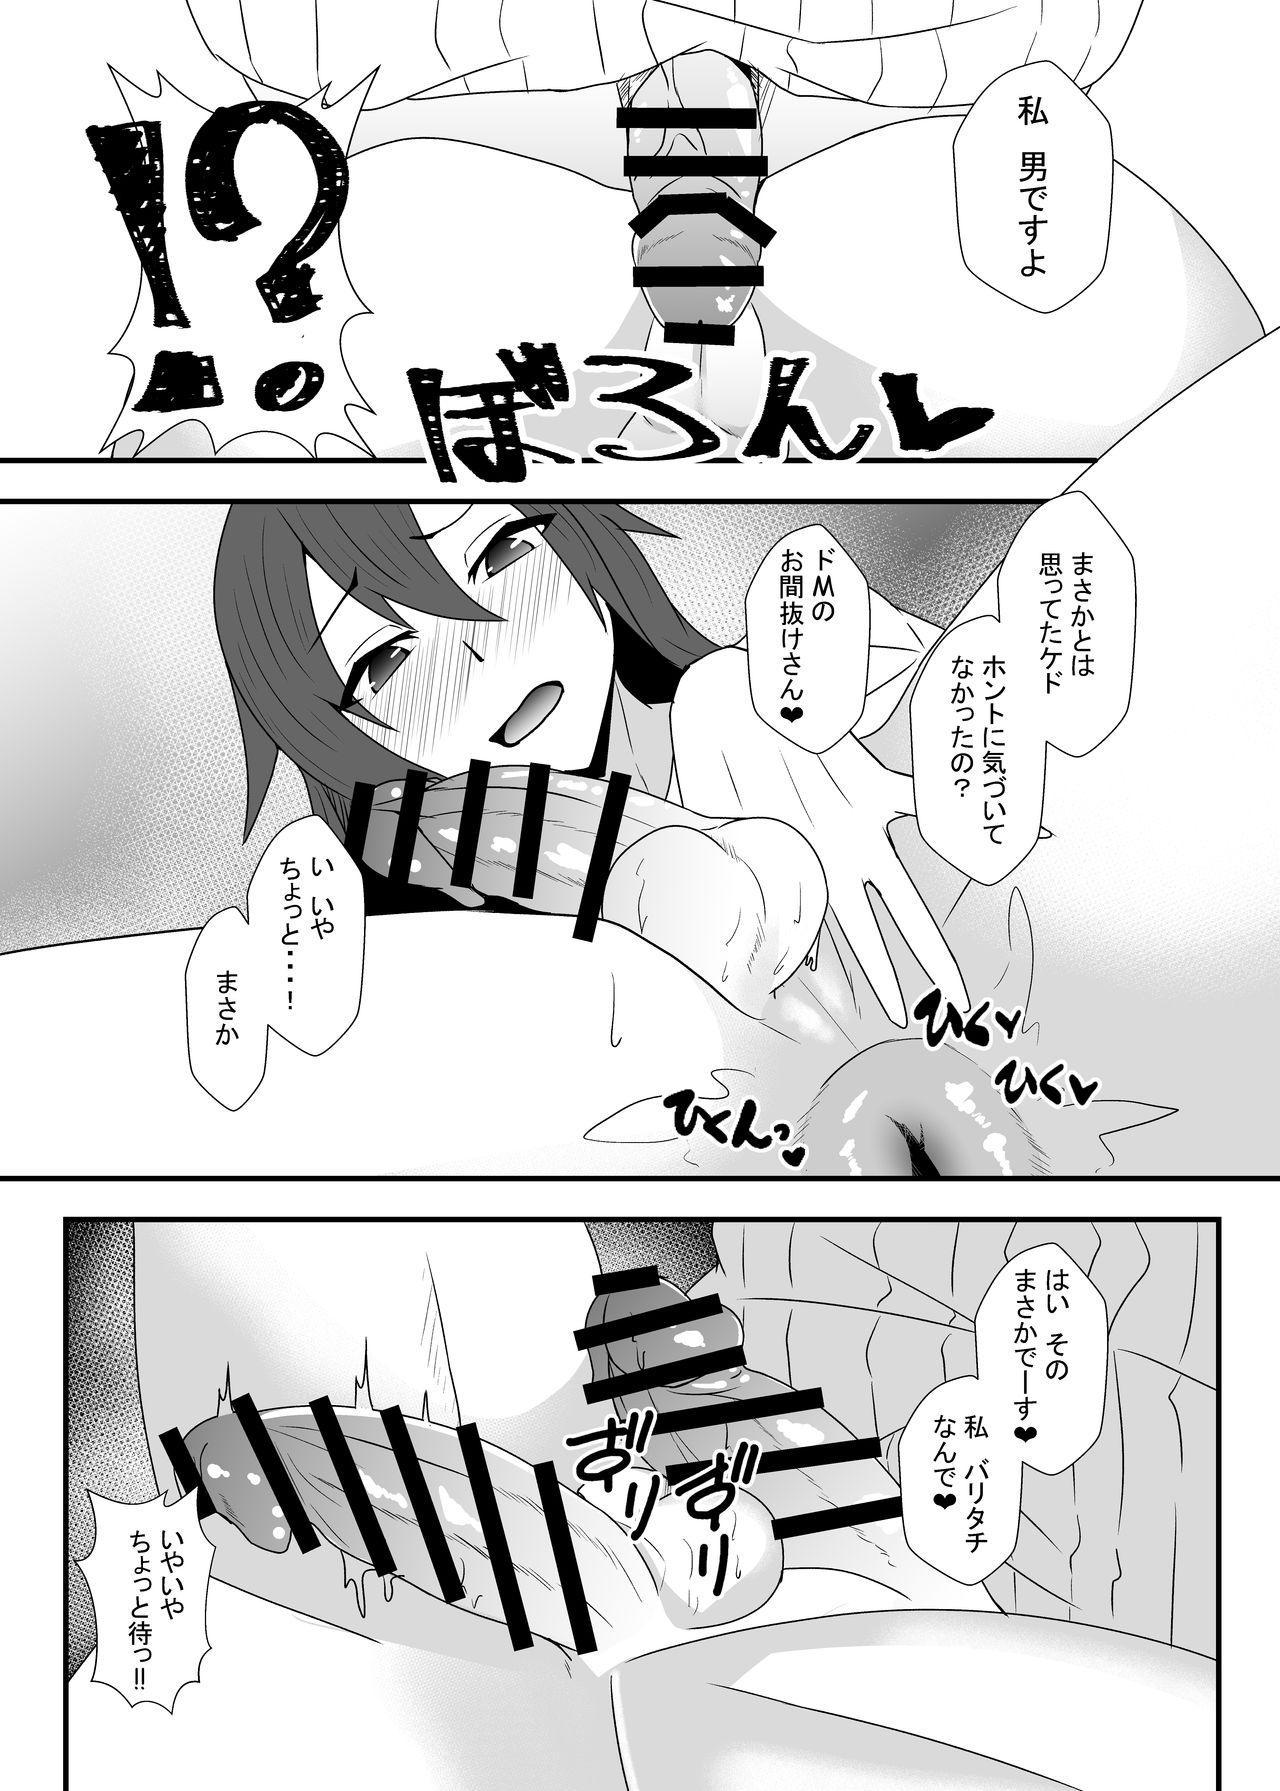 Goukon de o mochikaeri shitara doesu no otokodatta hanashi 11